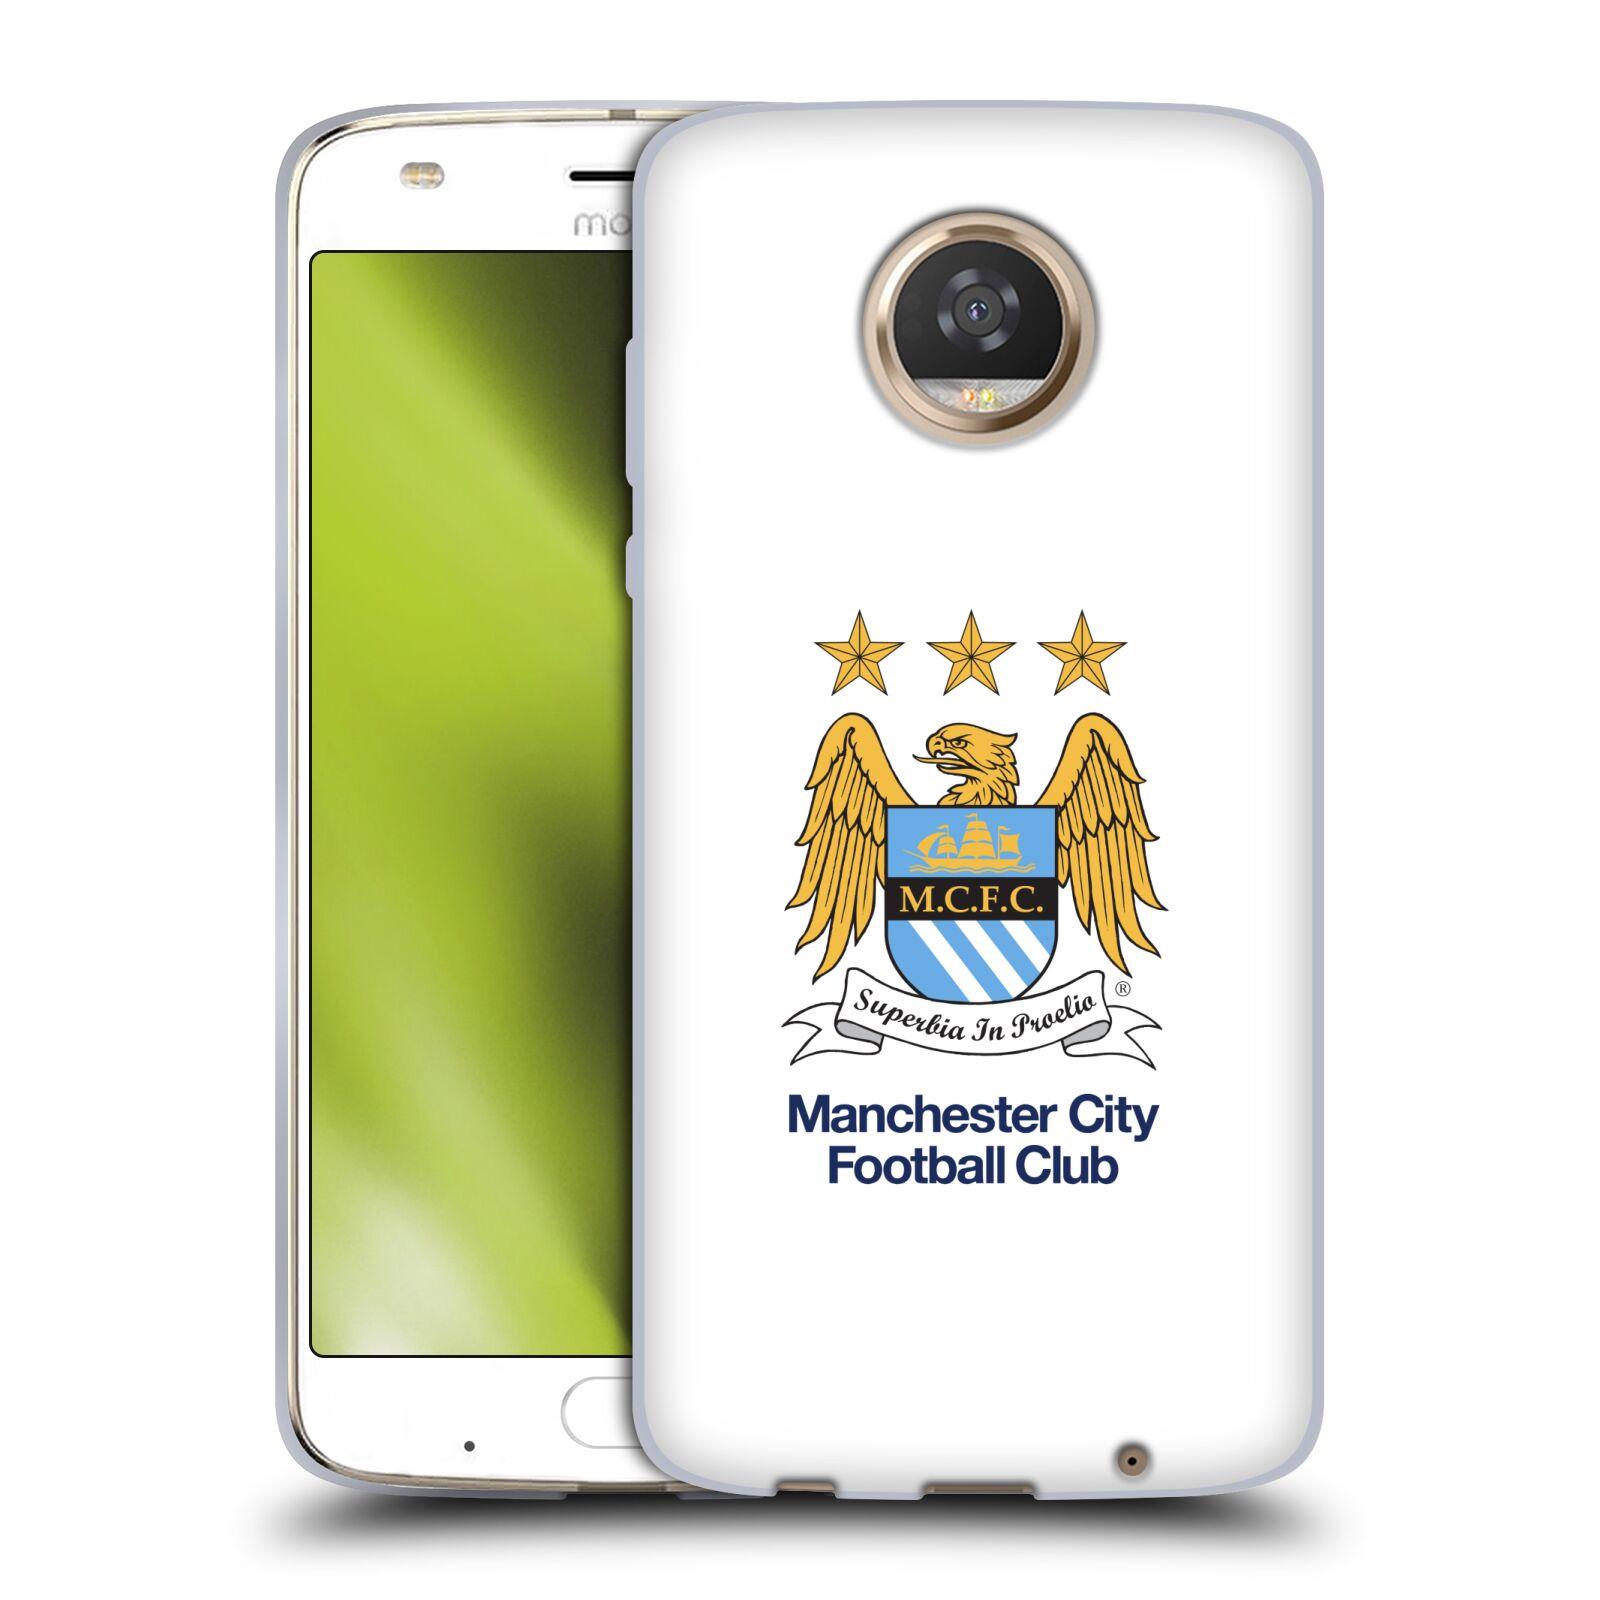 HEAD CASE silikonový obal na mobil Motorola Moto Z2 PLAY Fotbalový klub Manchester City bílé pozadí velký znak pták